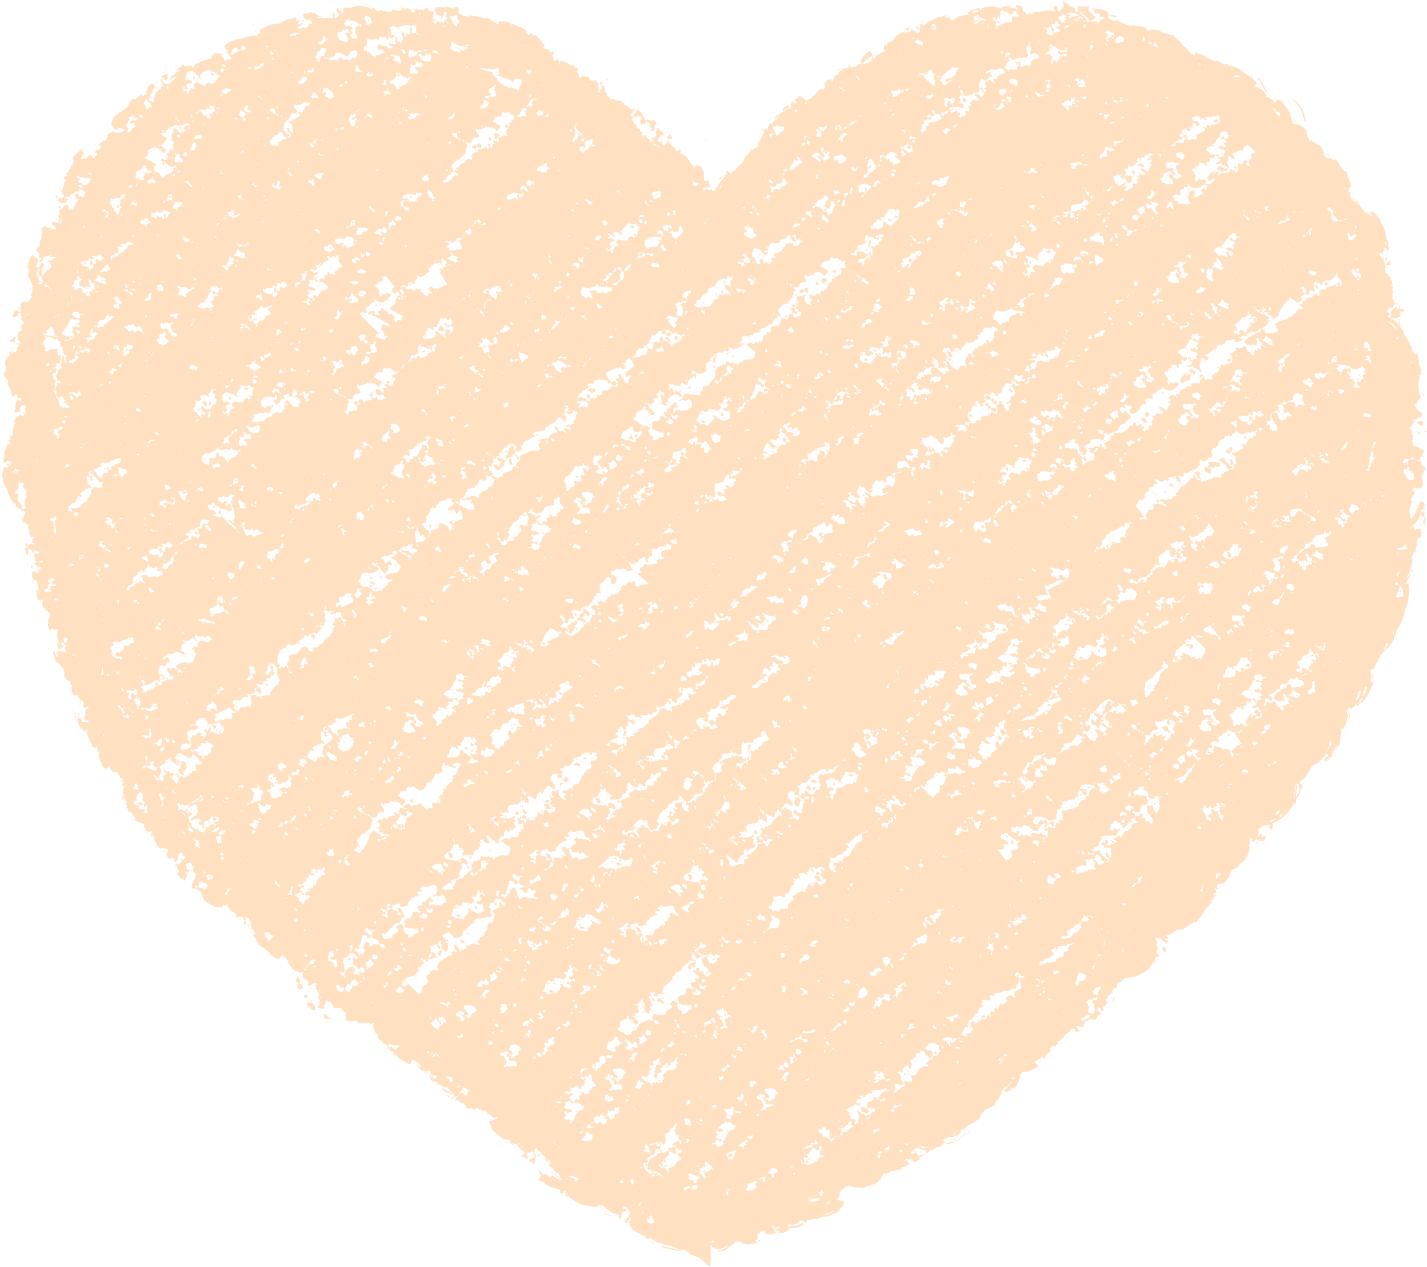 クレヨン塗り背景 パステル だいだい色 新(オレンジ)ハートのイラスト heart_orange